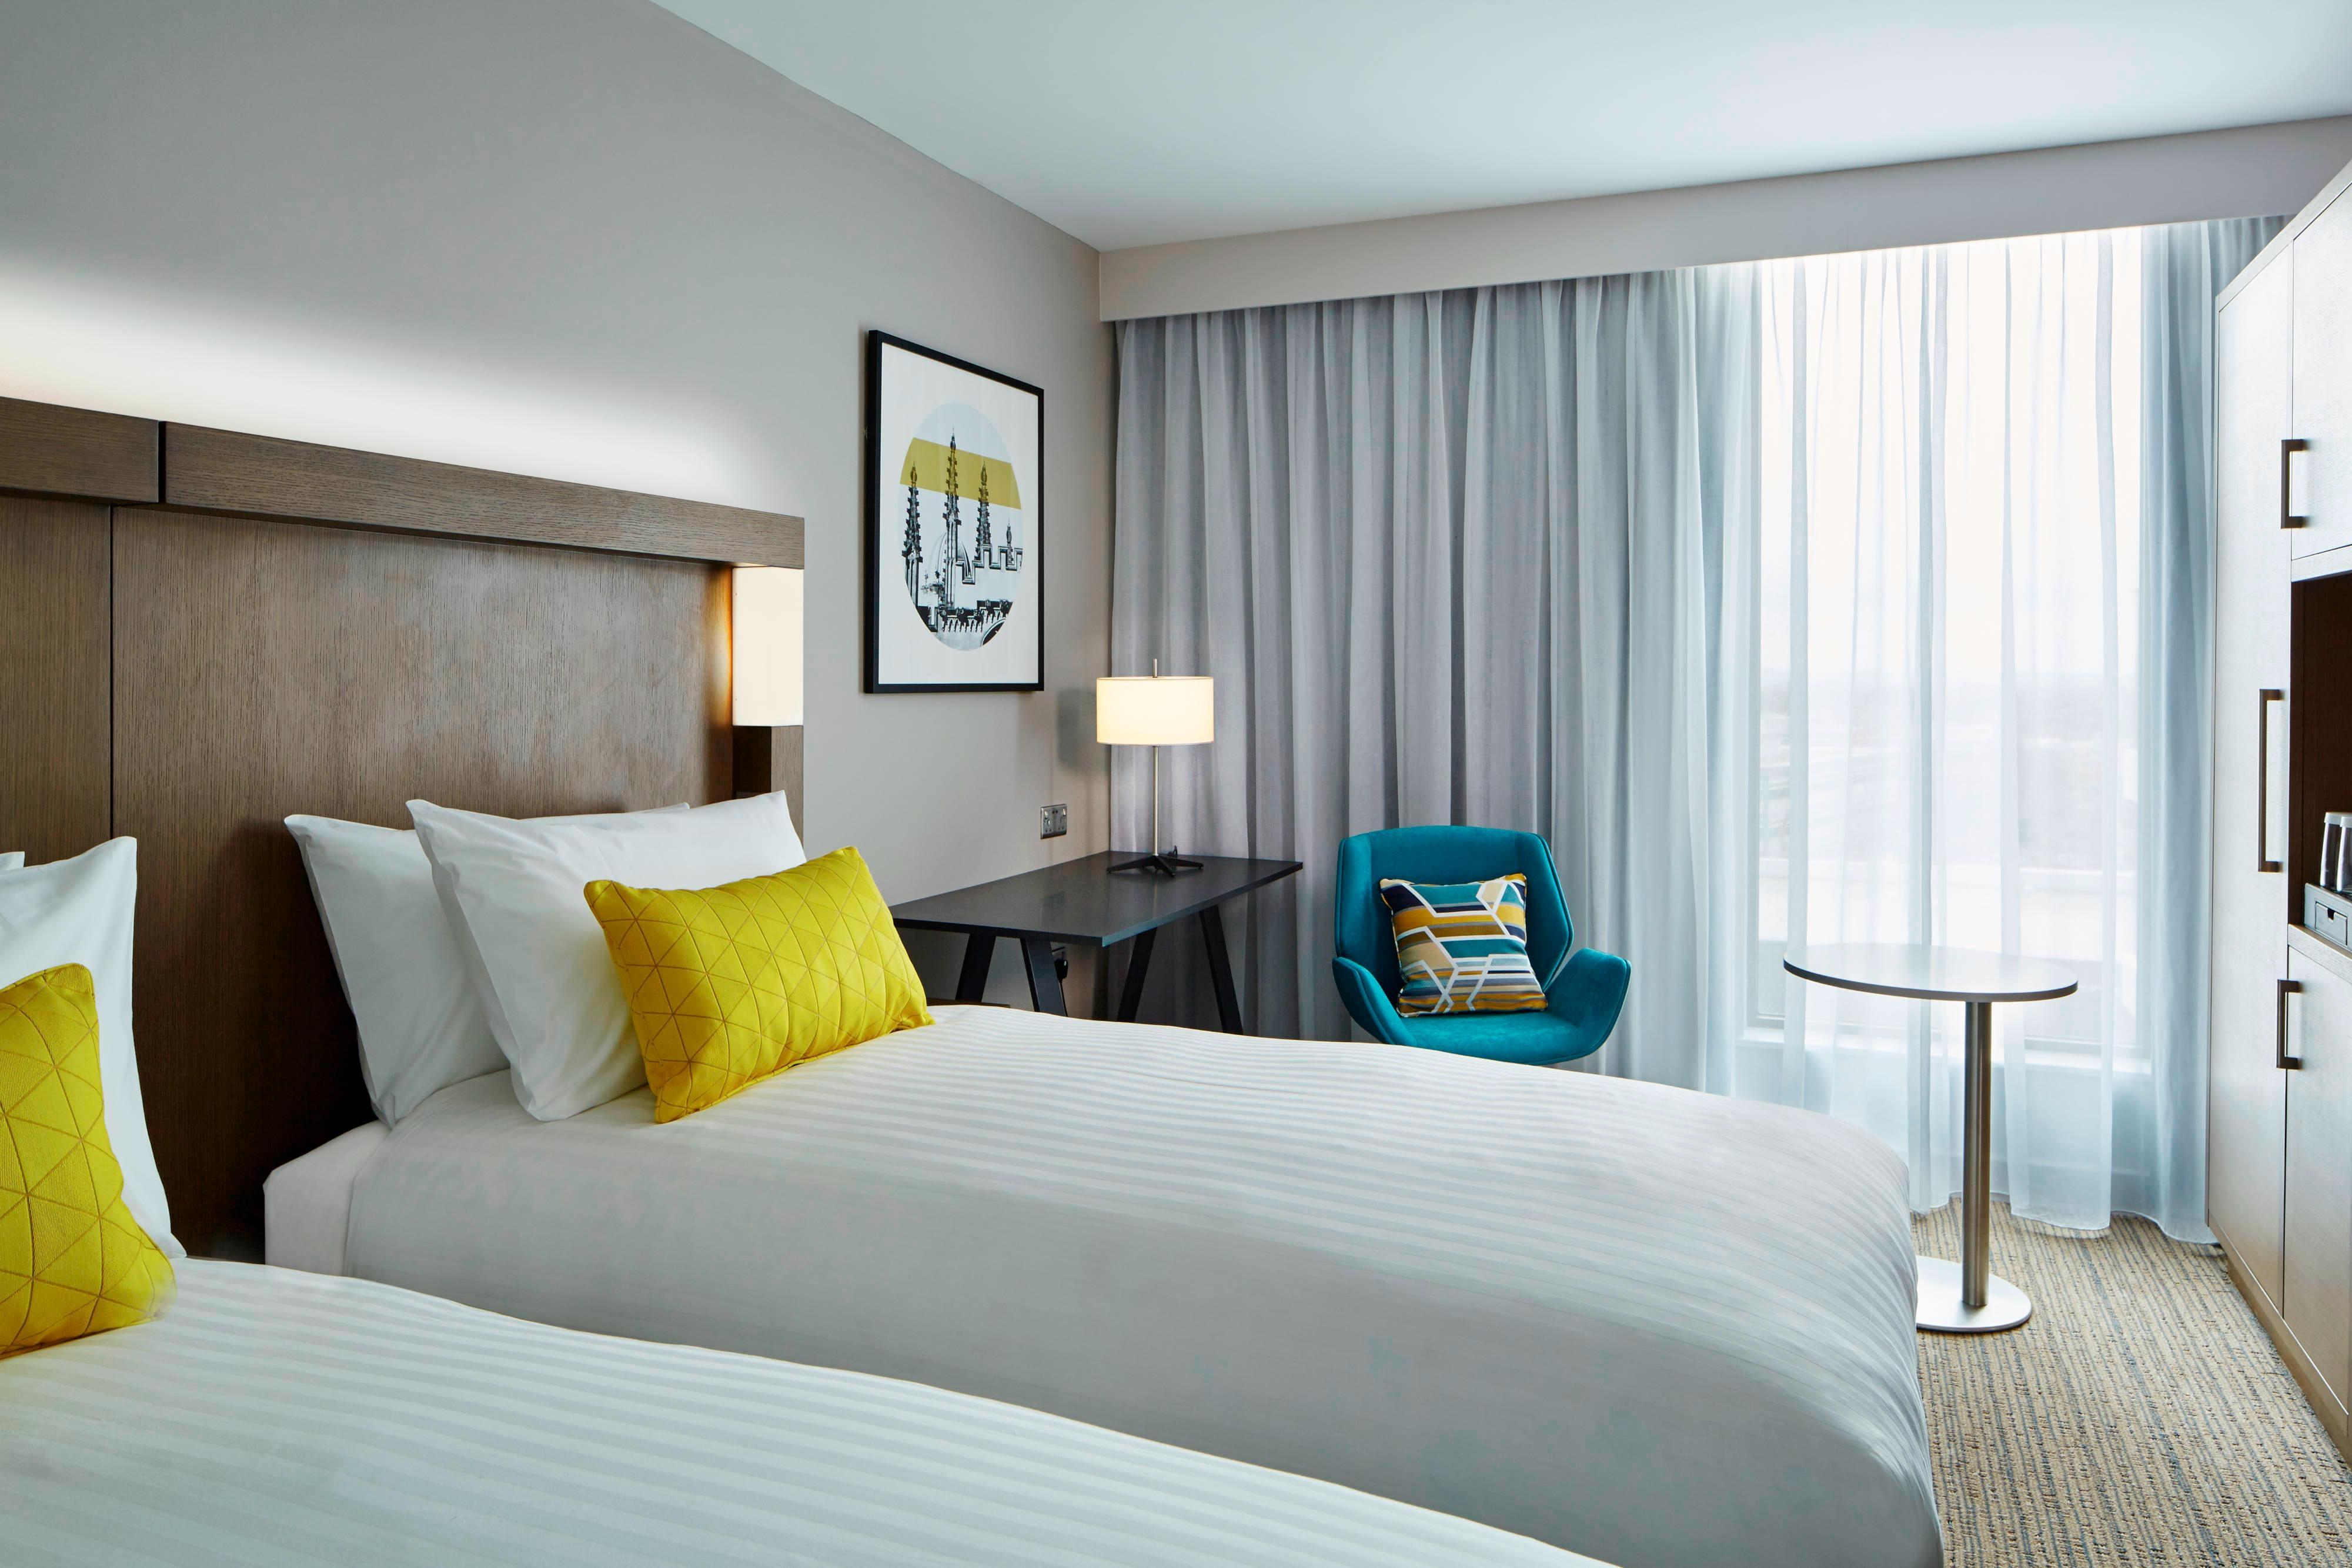 Habitación Deluxe con dos camas individuales